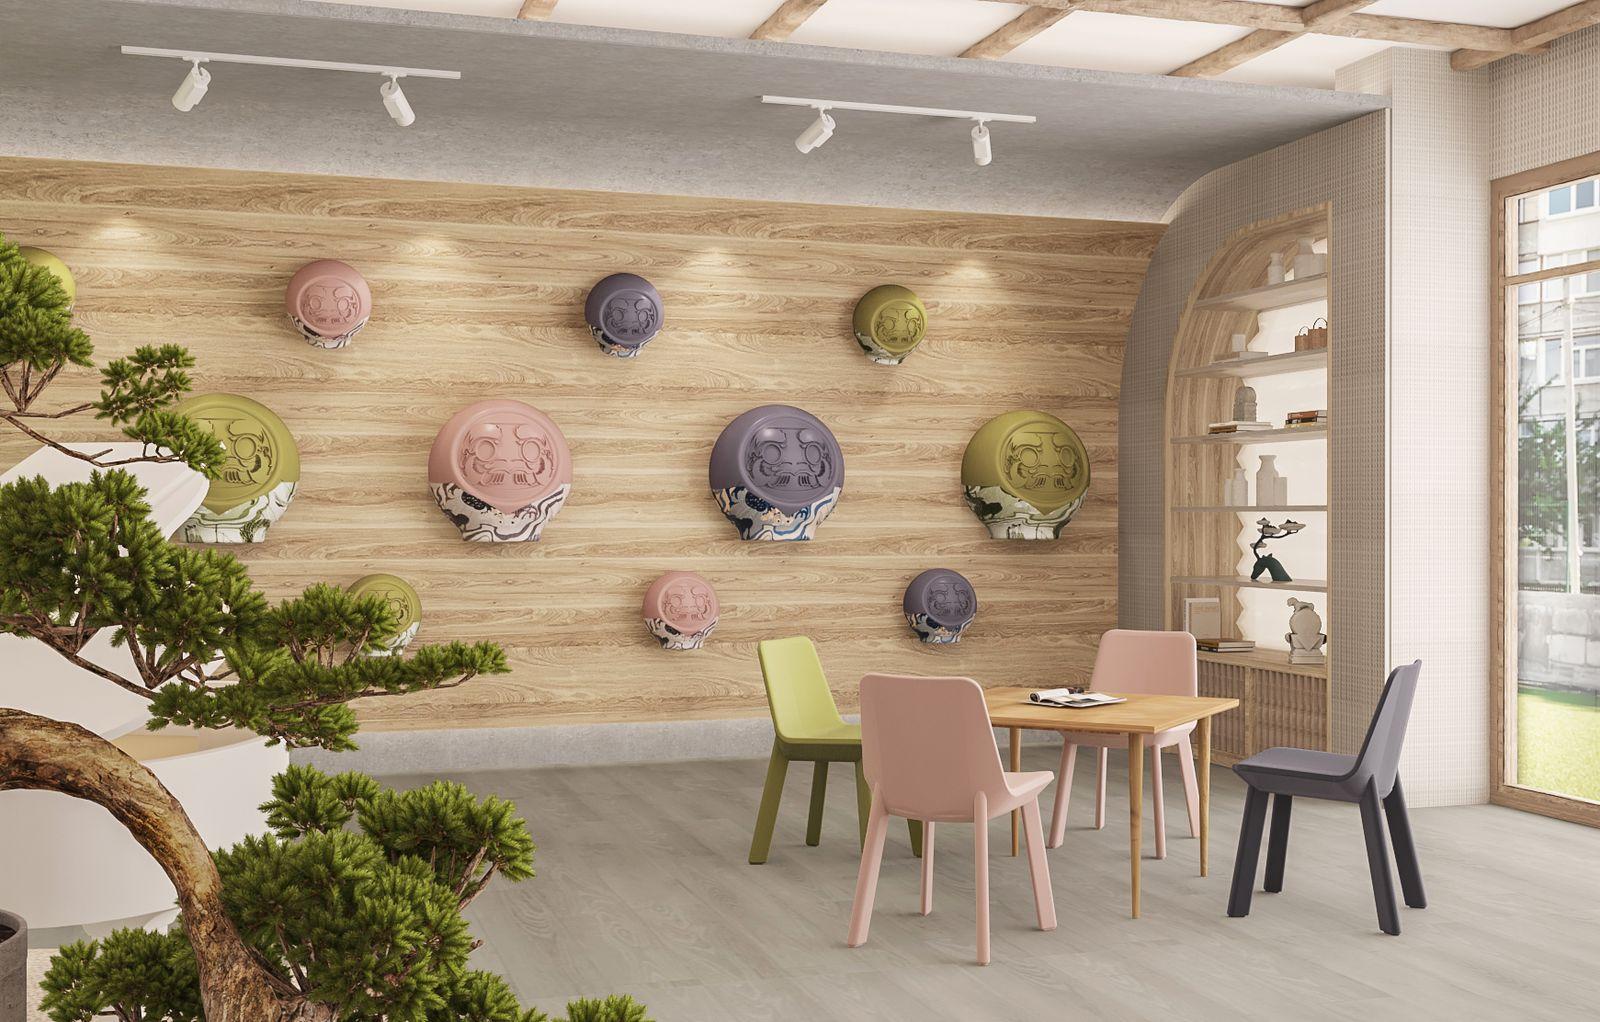 Jikan Galleria - Community Room